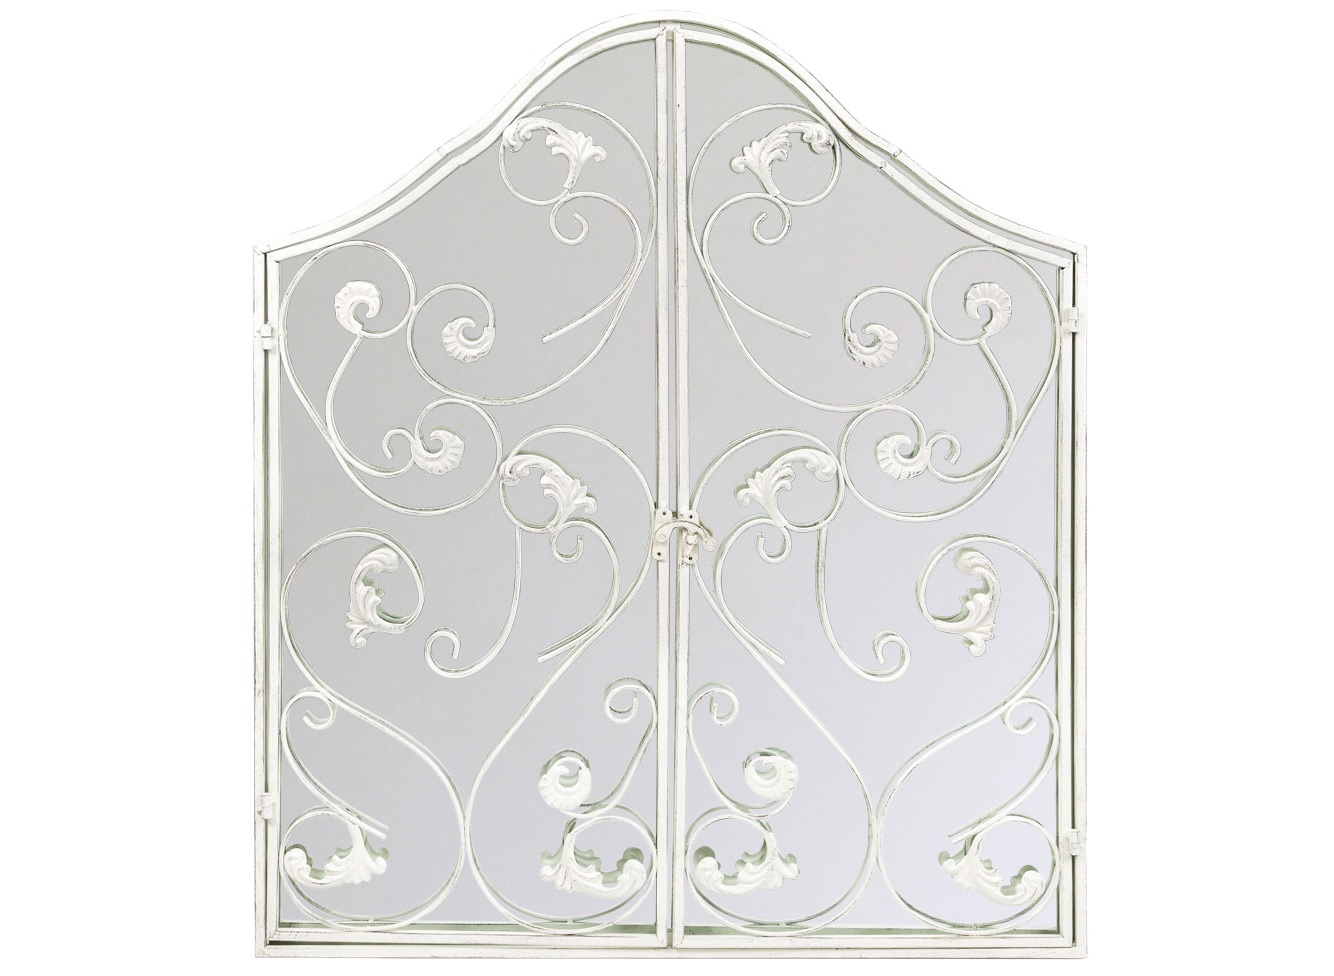 Настенное зеркало МонтанерНастенные зеркала<br>Зеркало &amp;quot;Монтанер&amp;quot;, подражающее воротам старинного замка, открывает Вашему интерьеру волну света и простора, романтики и классического европейского стиля, достойного изнеженных салонов &amp;quot;ар-деко&amp;quot;, престижных интерьеров &amp;quot;ампира&amp;quot; и &amp;quot;рококо&amp;quot;. Рама легко открывается с помощью обычного оконного засова. Узоры объемной рамы дорисовывают отраженные предметы, режиссируя сценарий поистине сказочного зазеркалья.<br><br>Material: Металл<br>Width см: 91<br>Depth см: 8<br>Height см: 94